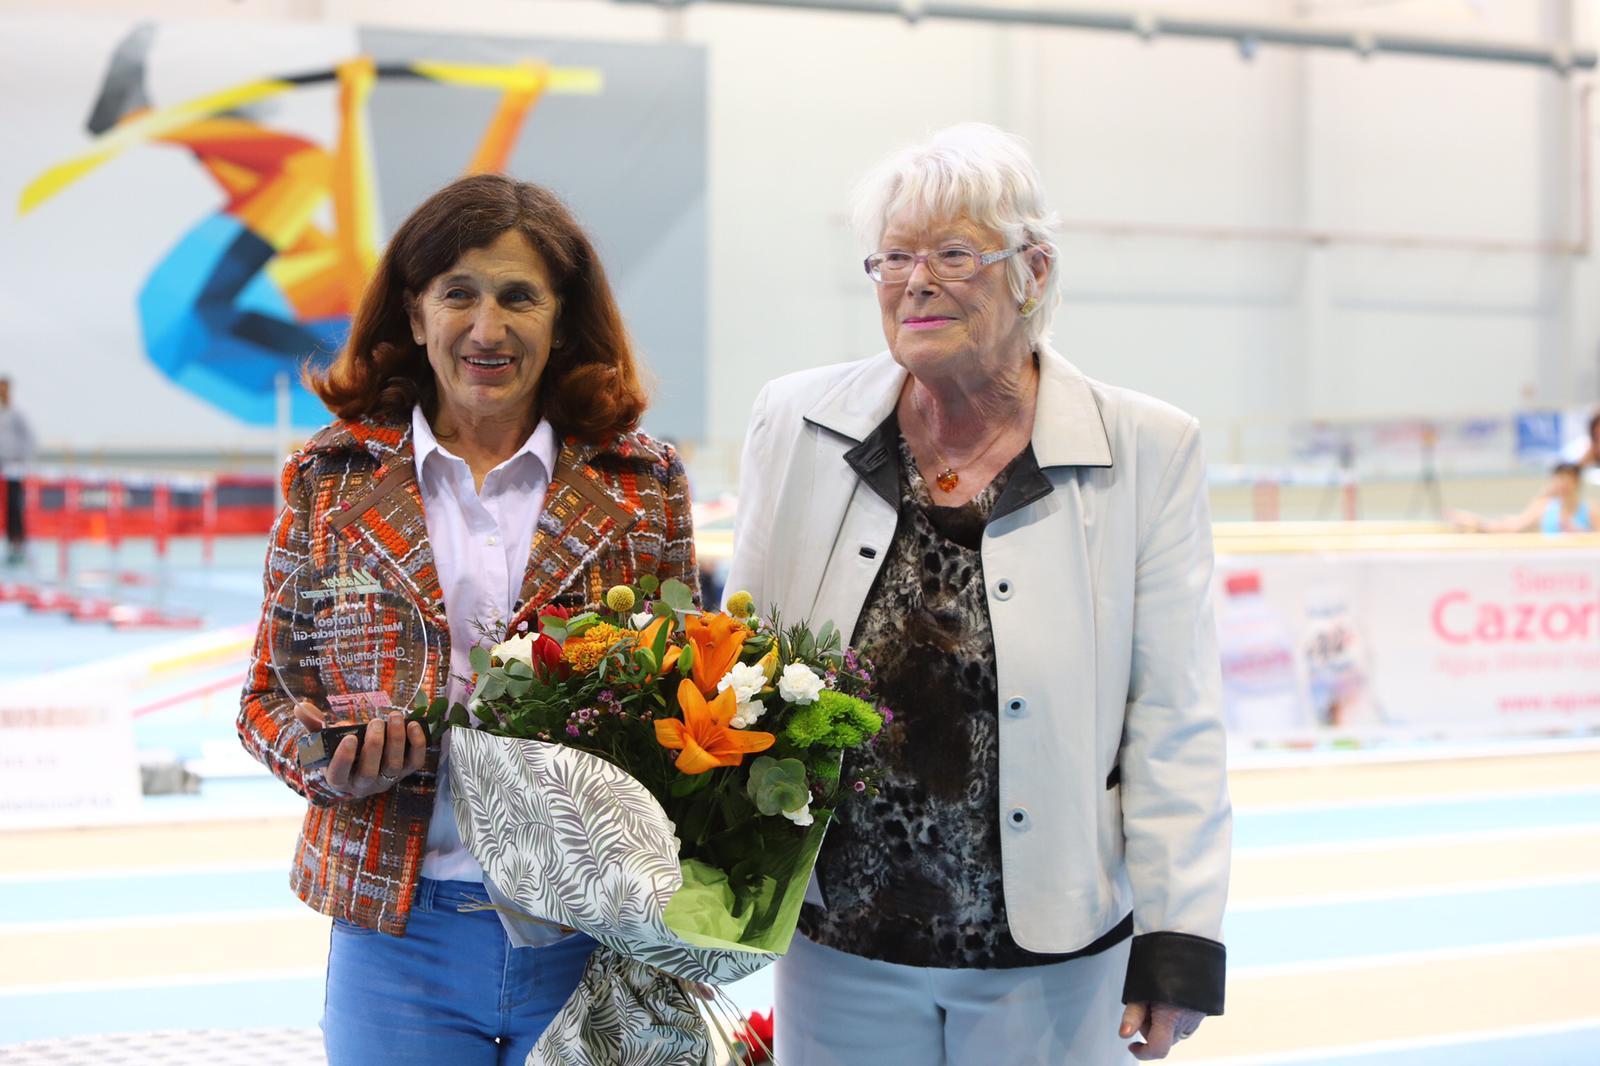 Chus Sanguos recibe o Trofeo Marina Hoernecke-Gil | REDESFGA